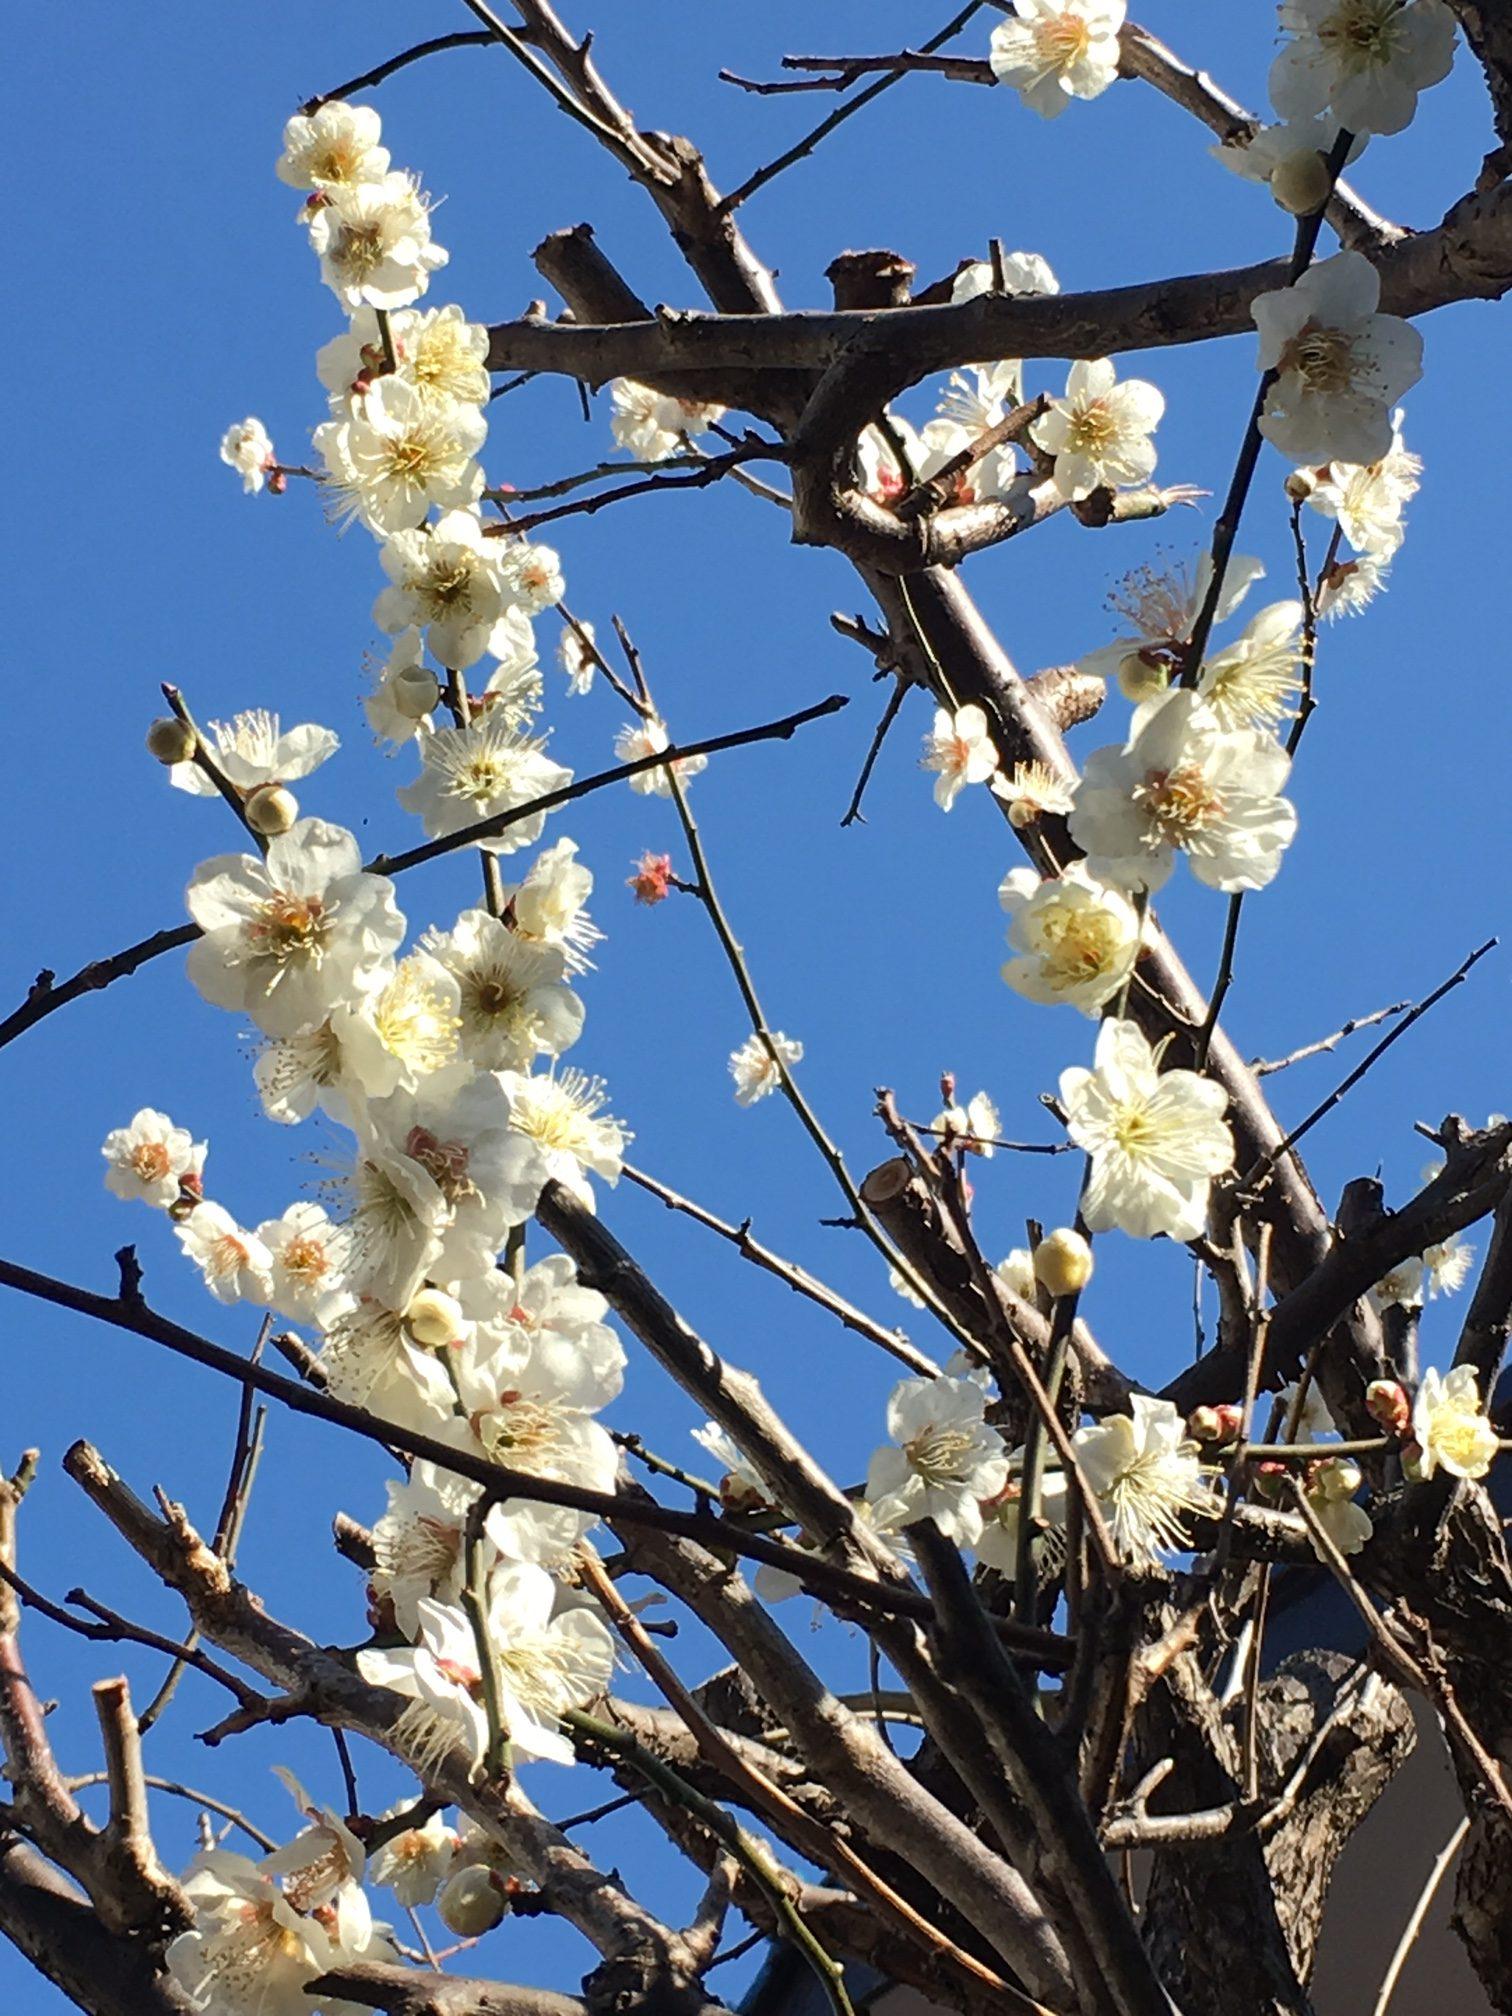 梅の花が今年も咲いた。そこから学ぶ「自己表現の本質」